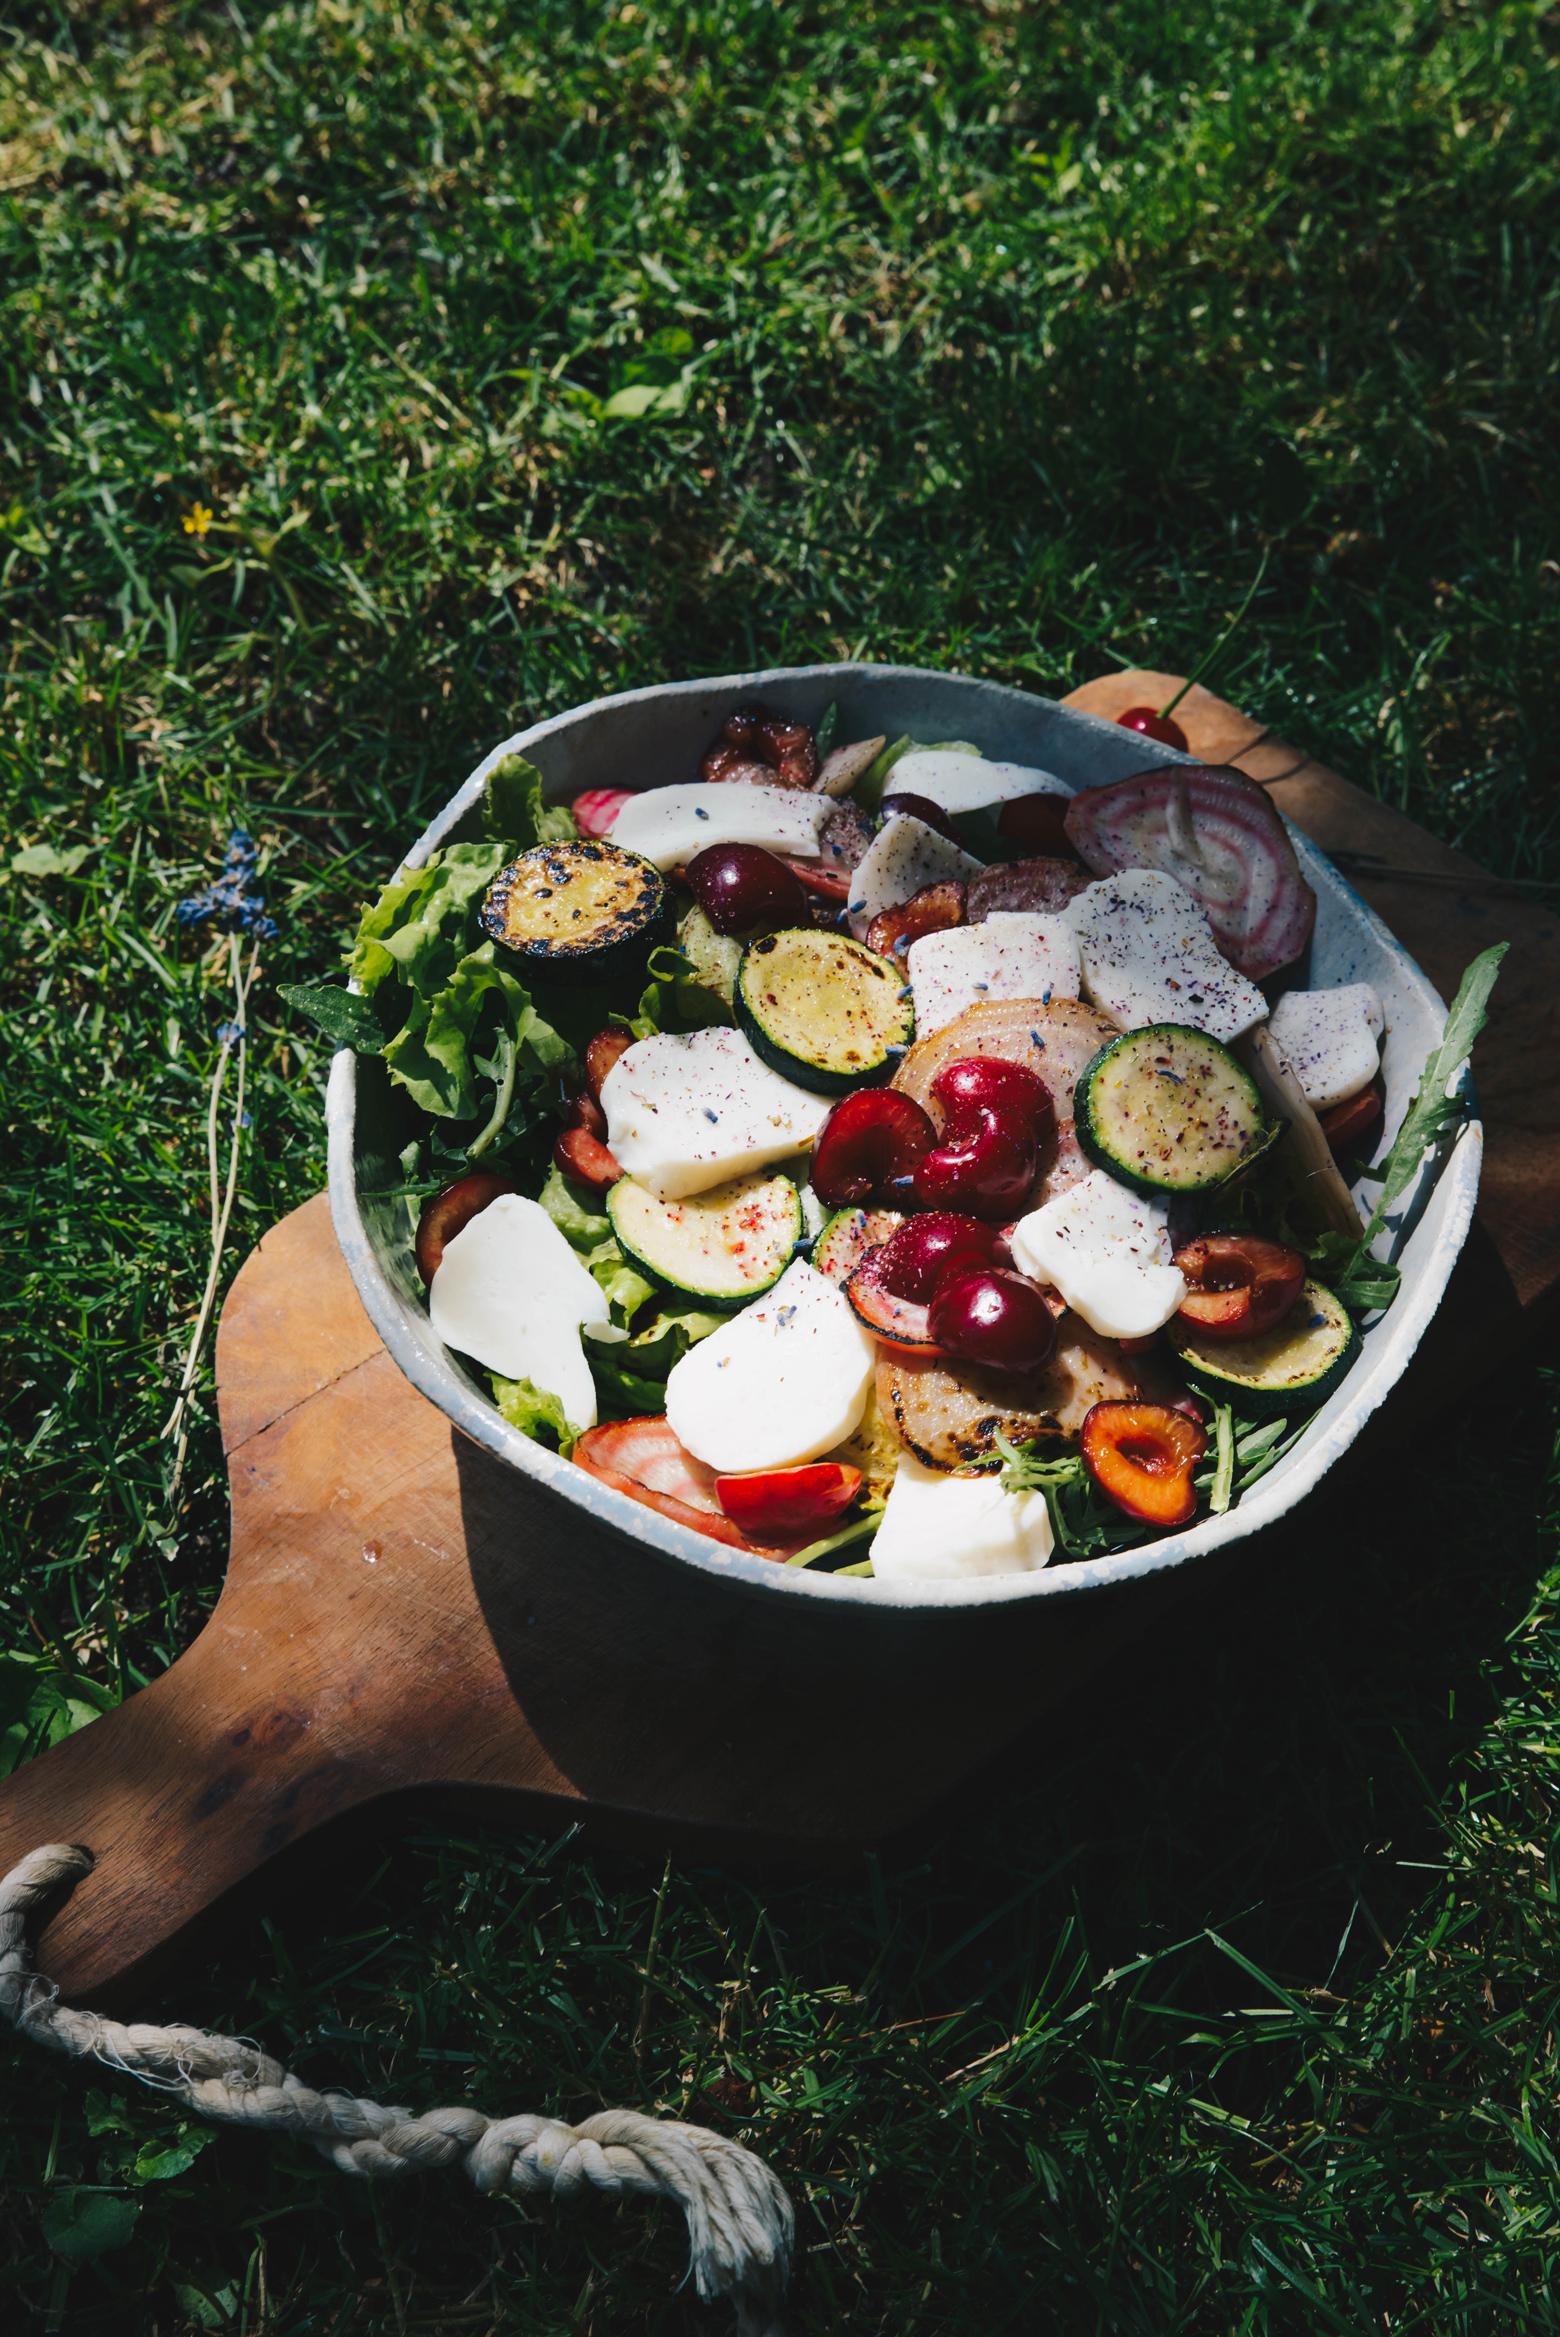 kirschensalat-(13-von-13)